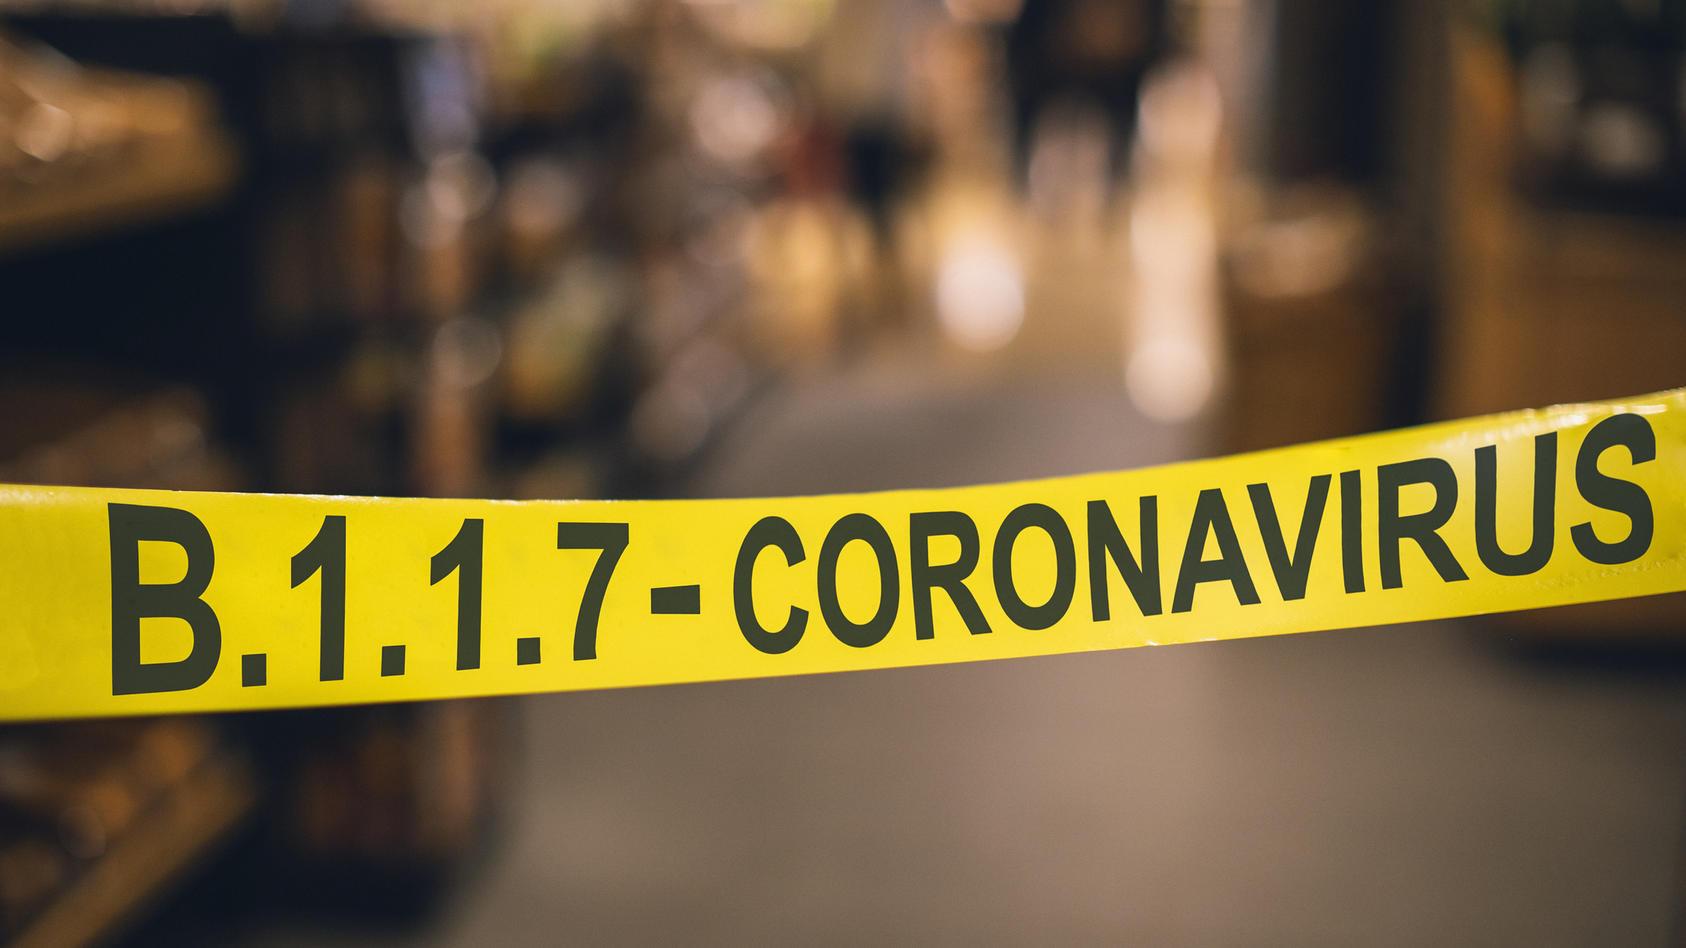 Aktuell liegt der Anteil der britischen Corona-Variante B.1.1.7 in Deutschland bei fast 90 Prozent.